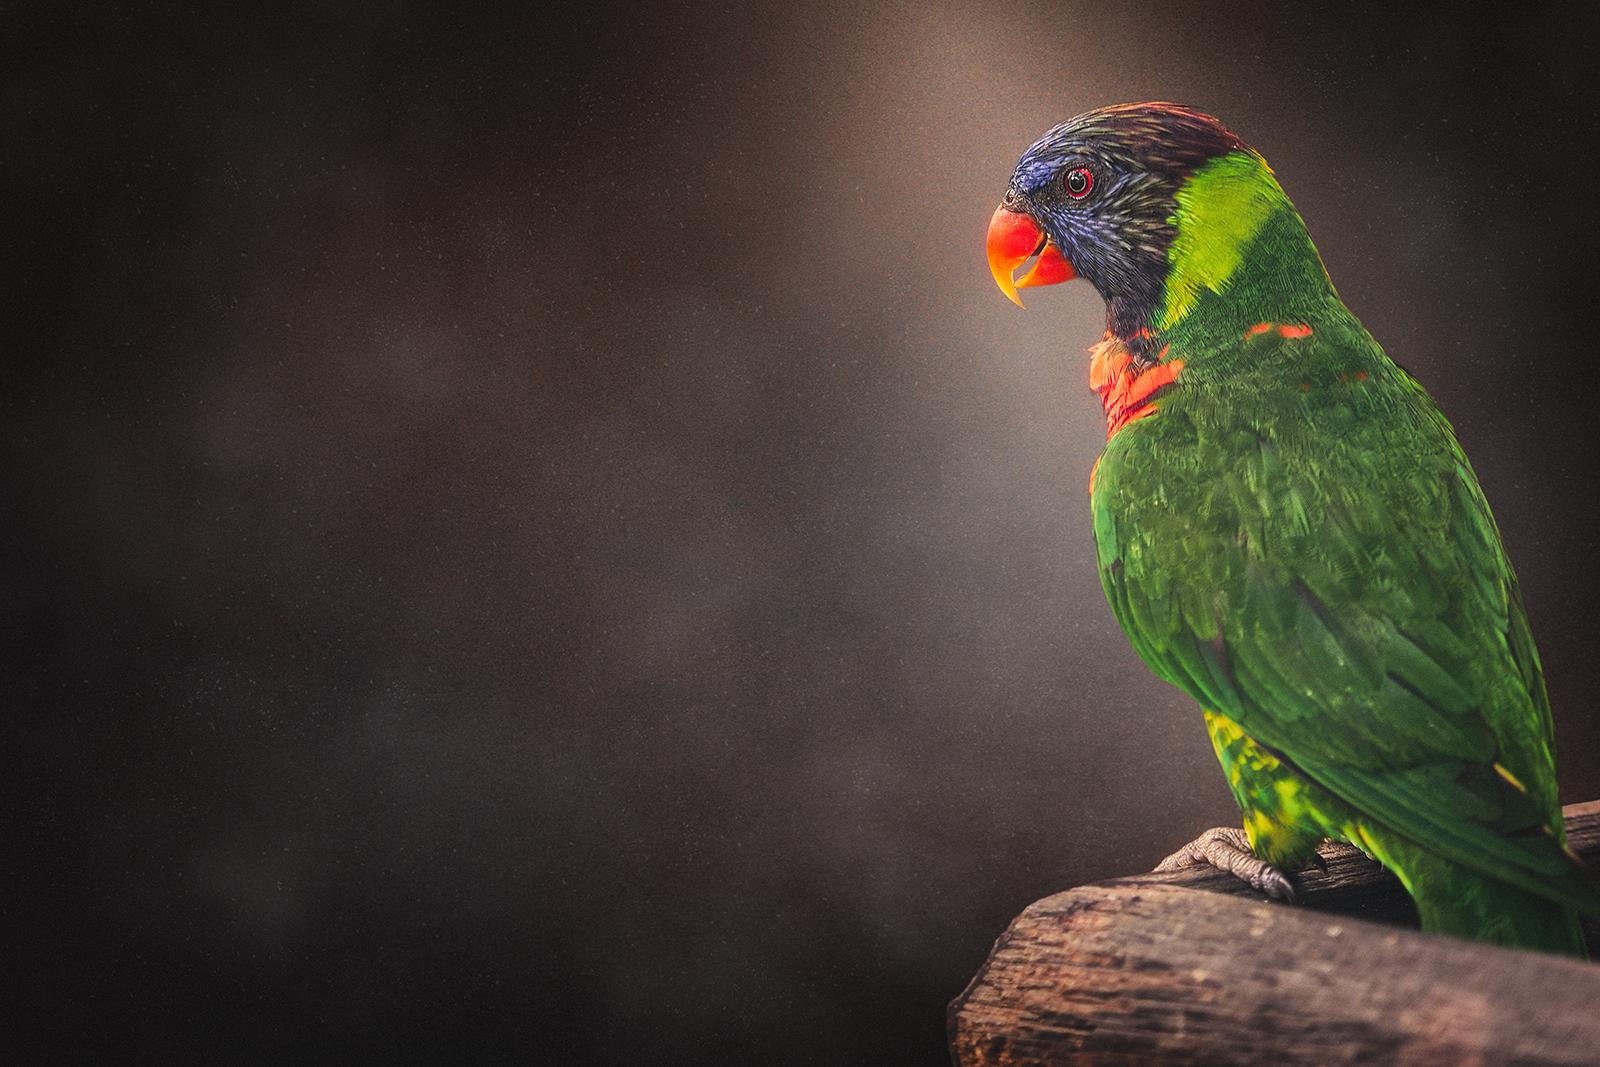 Rainbow Lorikeet Parrot Bird